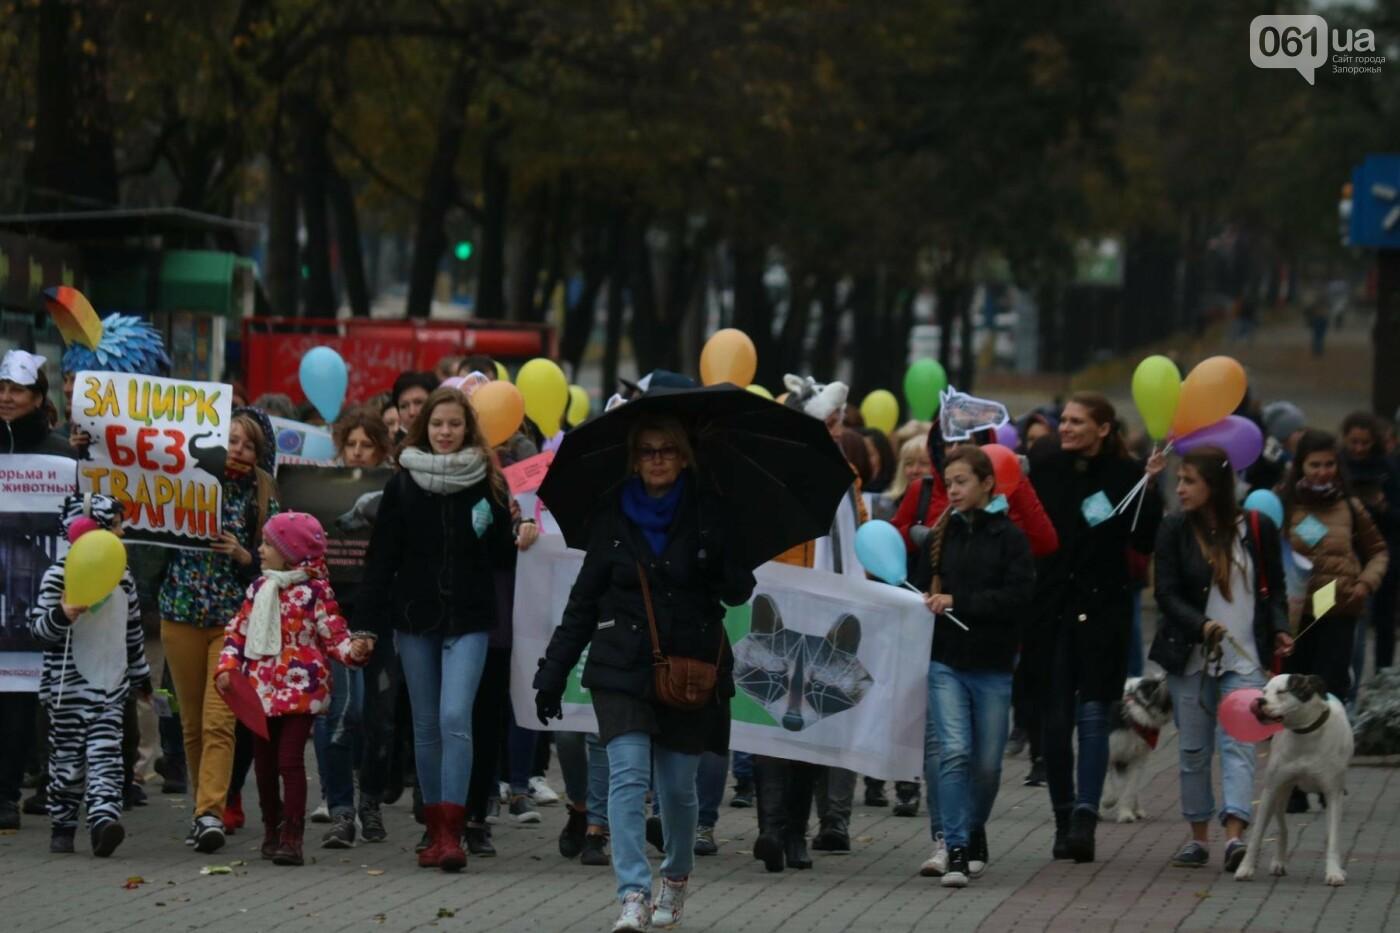 В Запорожье прошел марш за права животных, - ФОТОРЕПОРТАЖ, фото-6